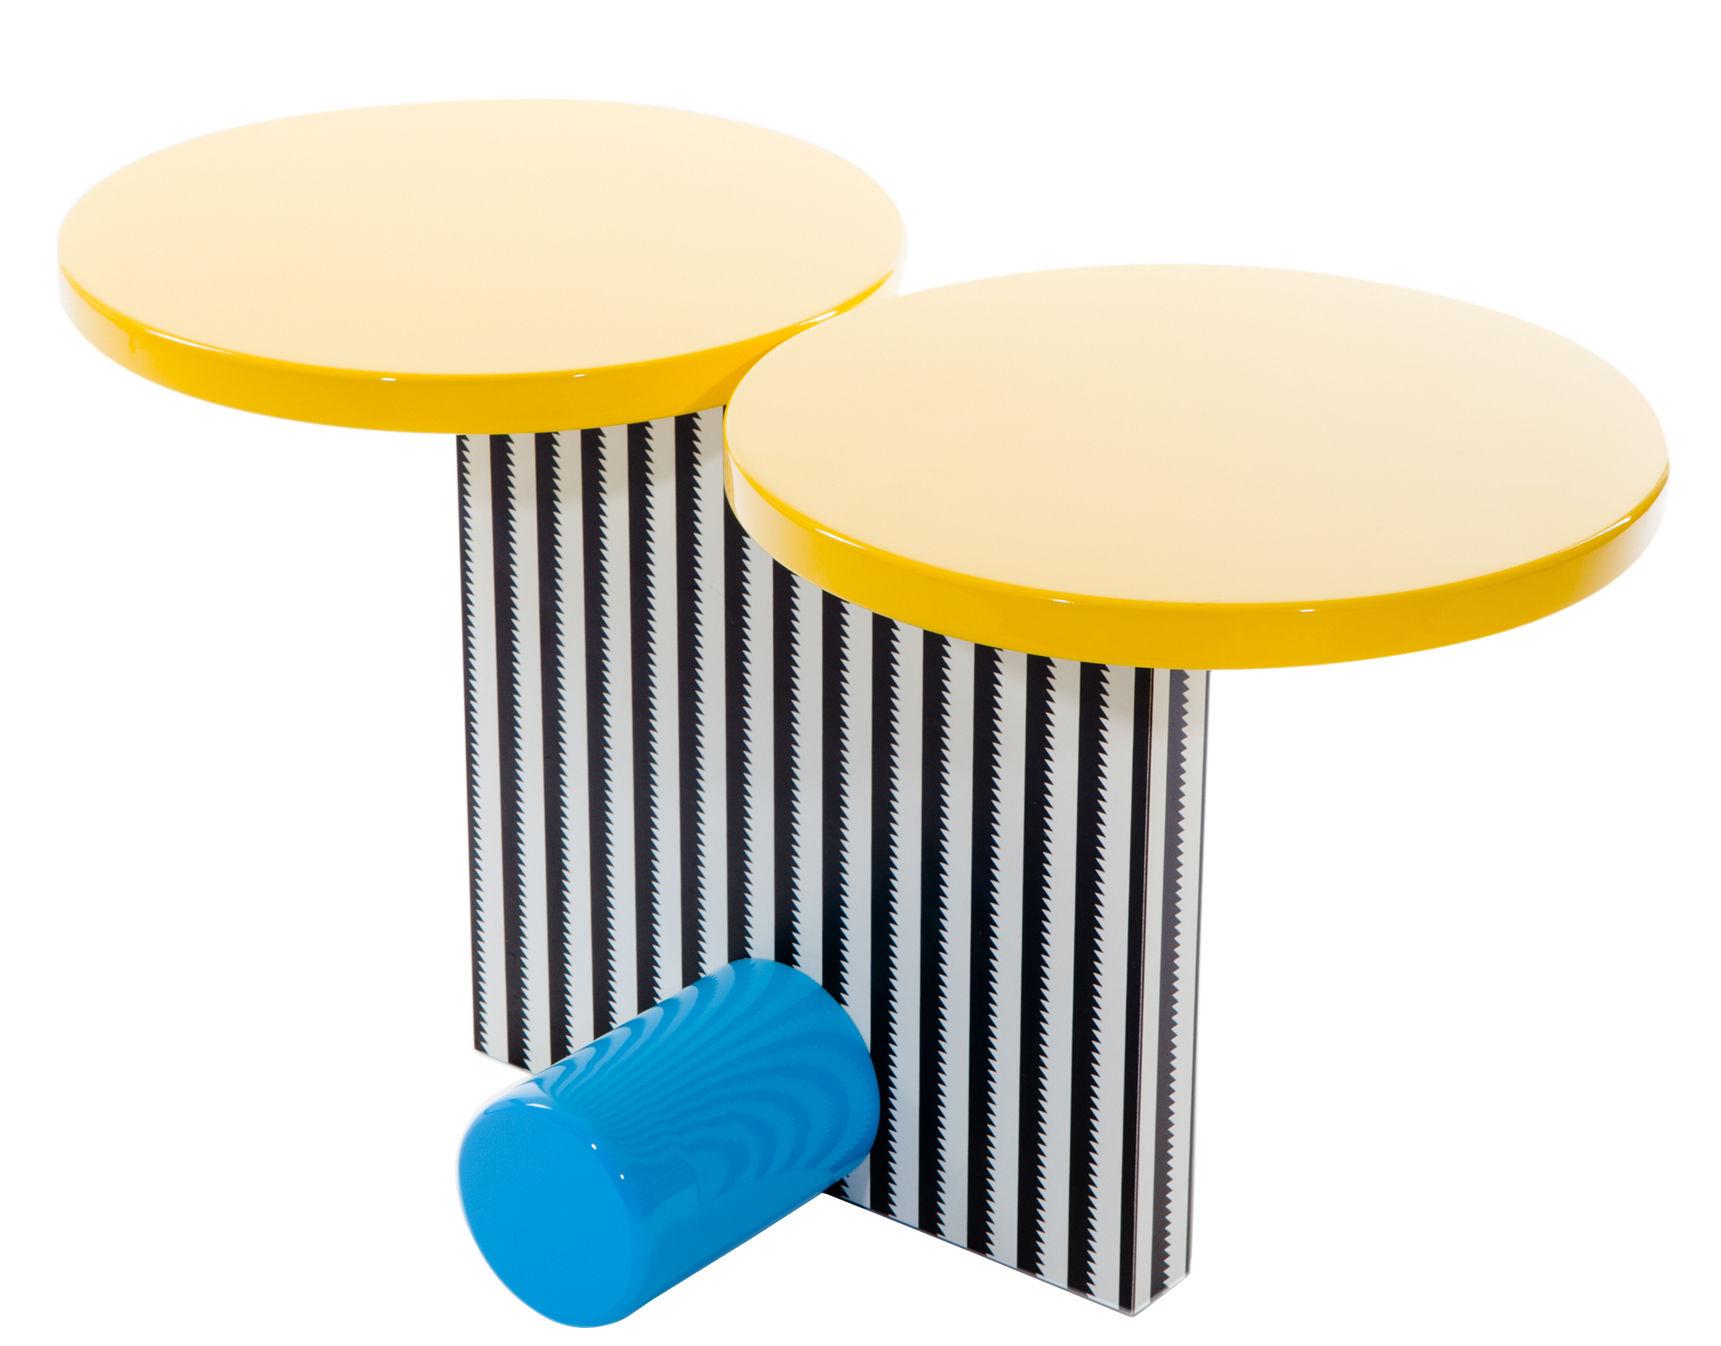 Arredamento - Tavolini  - Tavolino d'appoggio Polar - by Michele De Lucchi / 1984 di Memphis Milano - Multicolore - Laminato plastico, Legno laccato